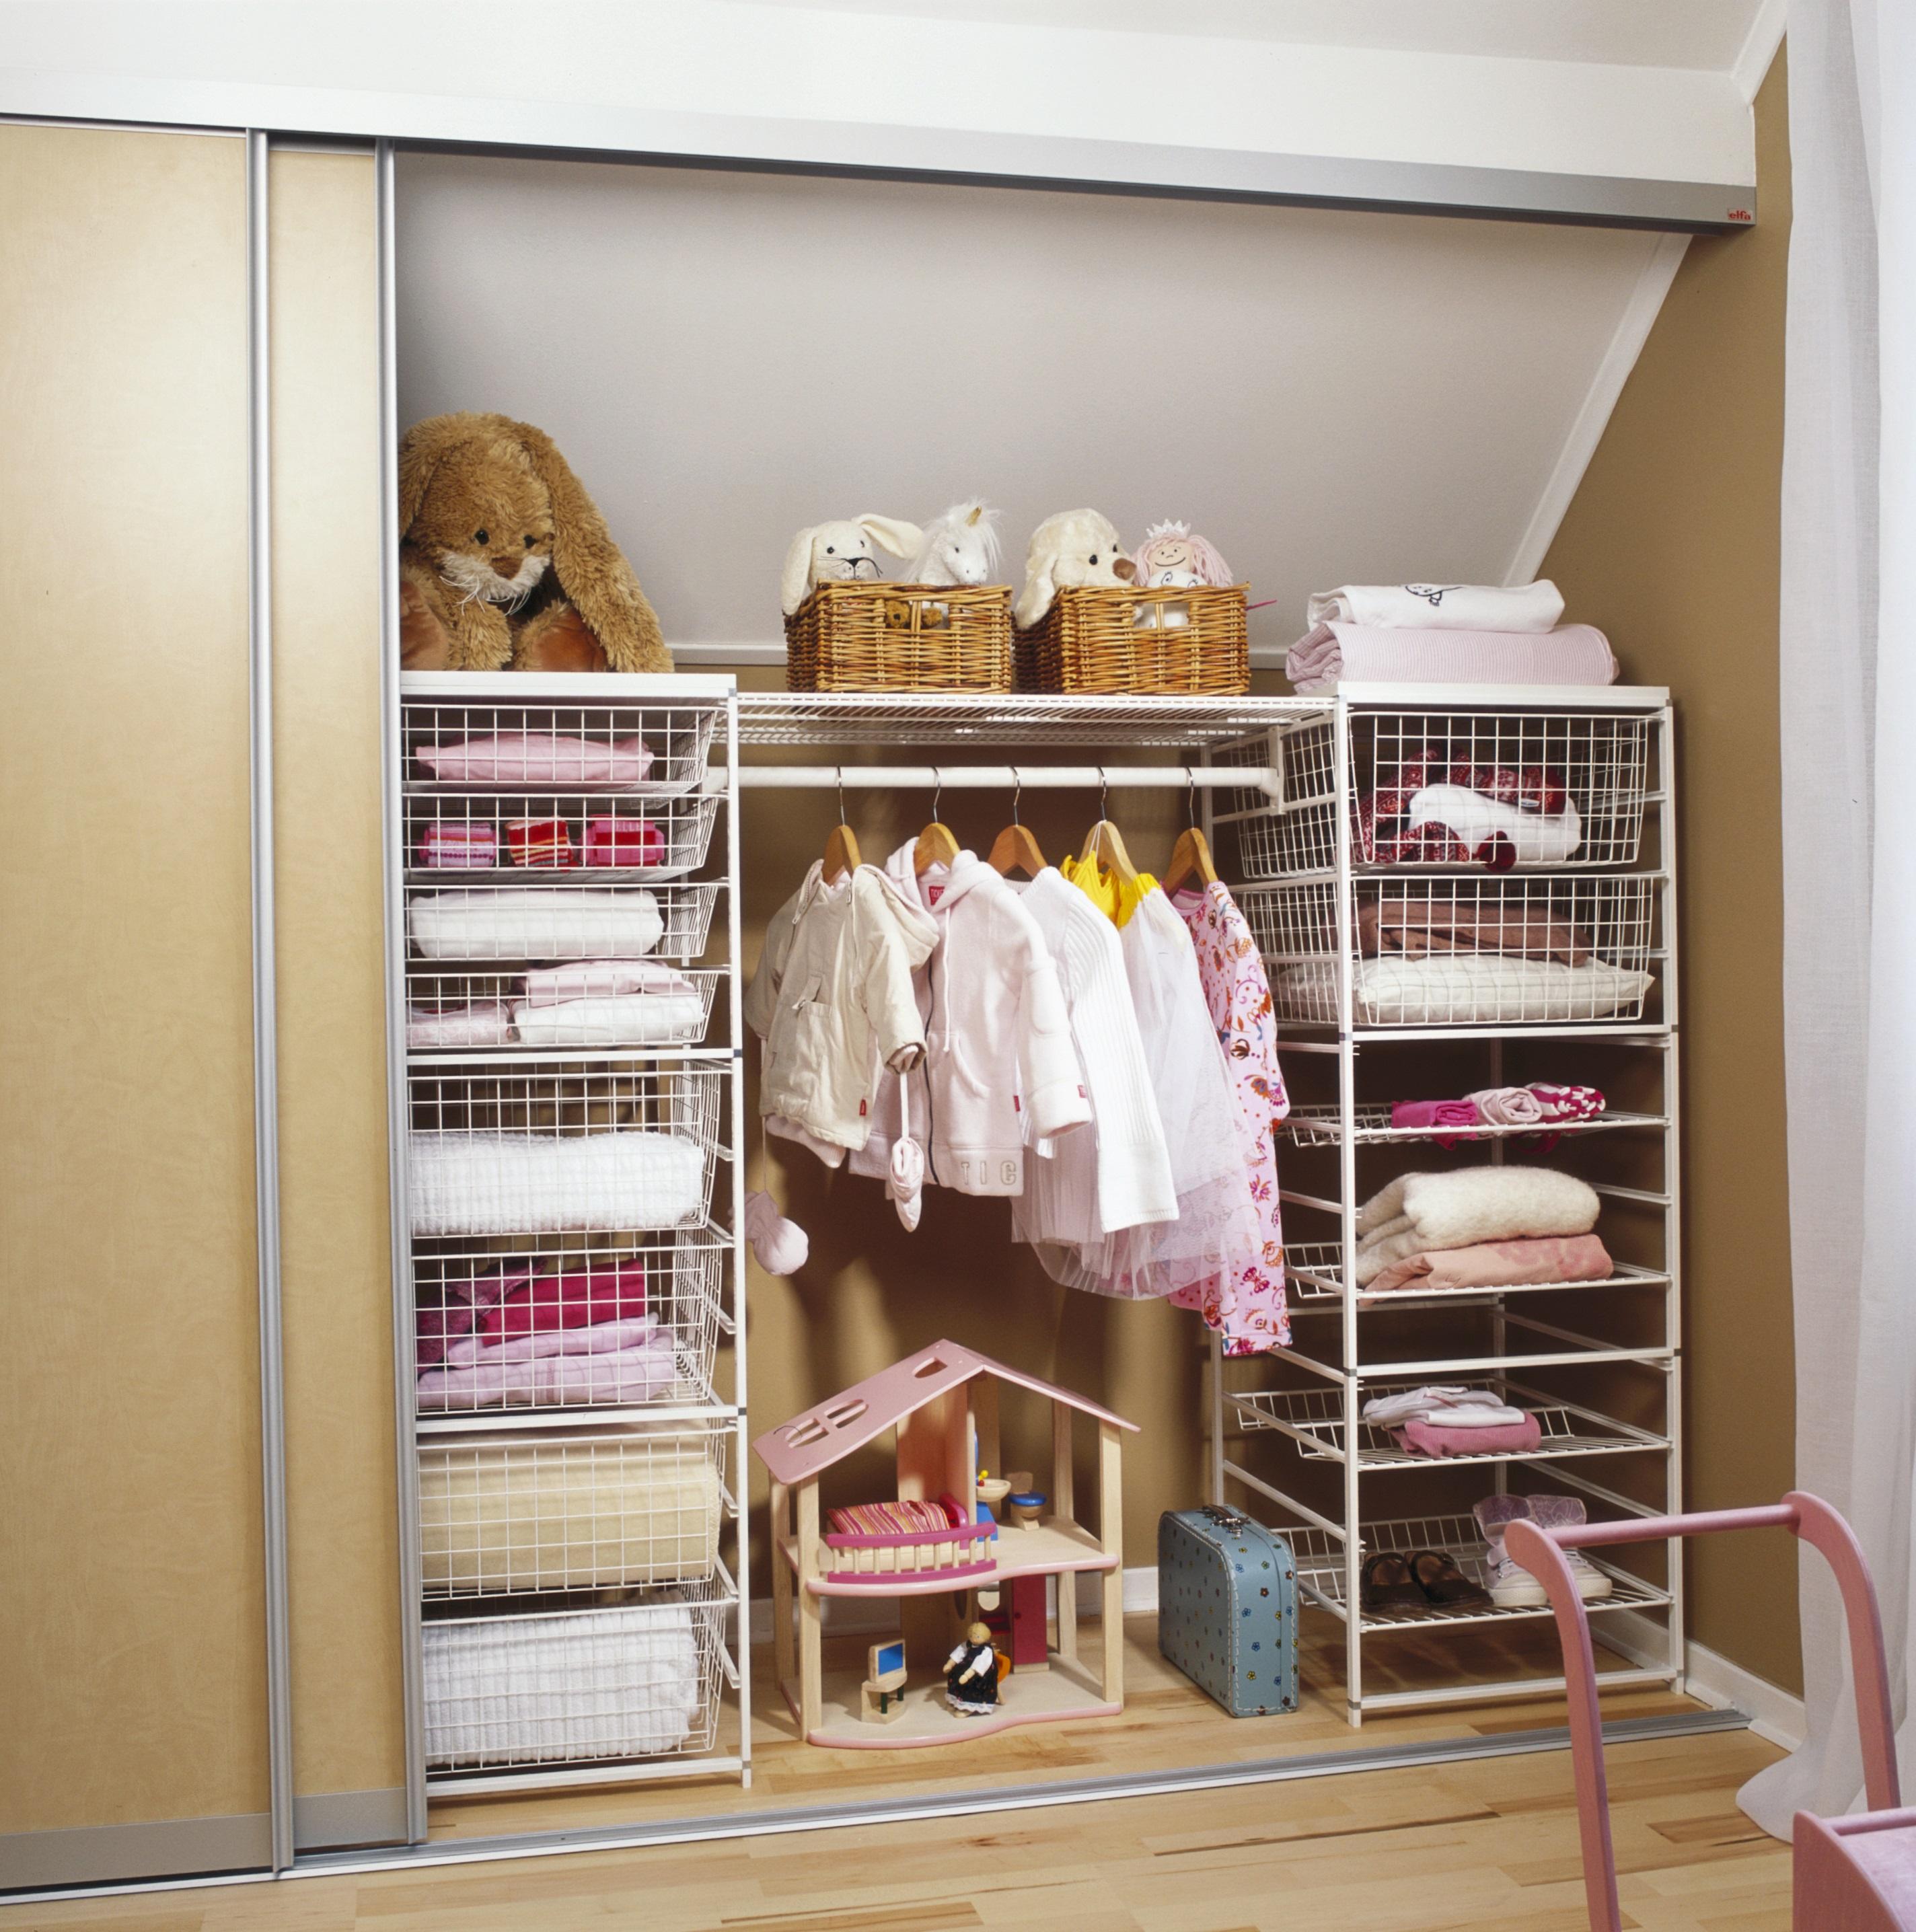 Встроенный шкаф, кладовка, ниша: варианты использования (фот.